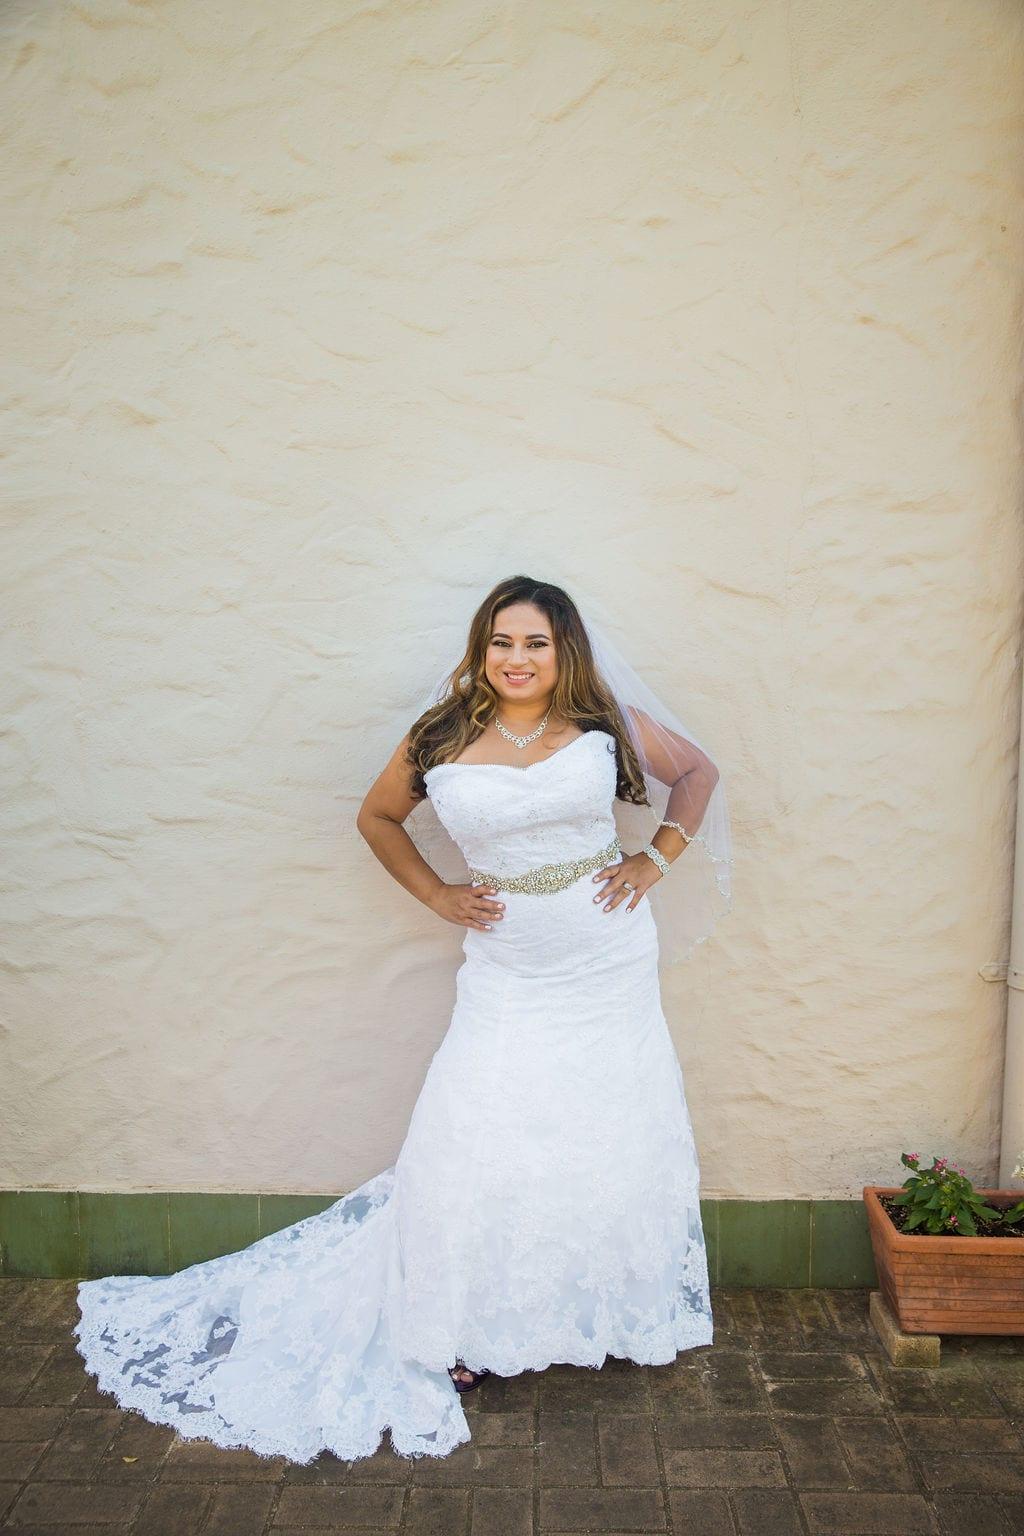 Linda's bridal session at the McNay wall sassy